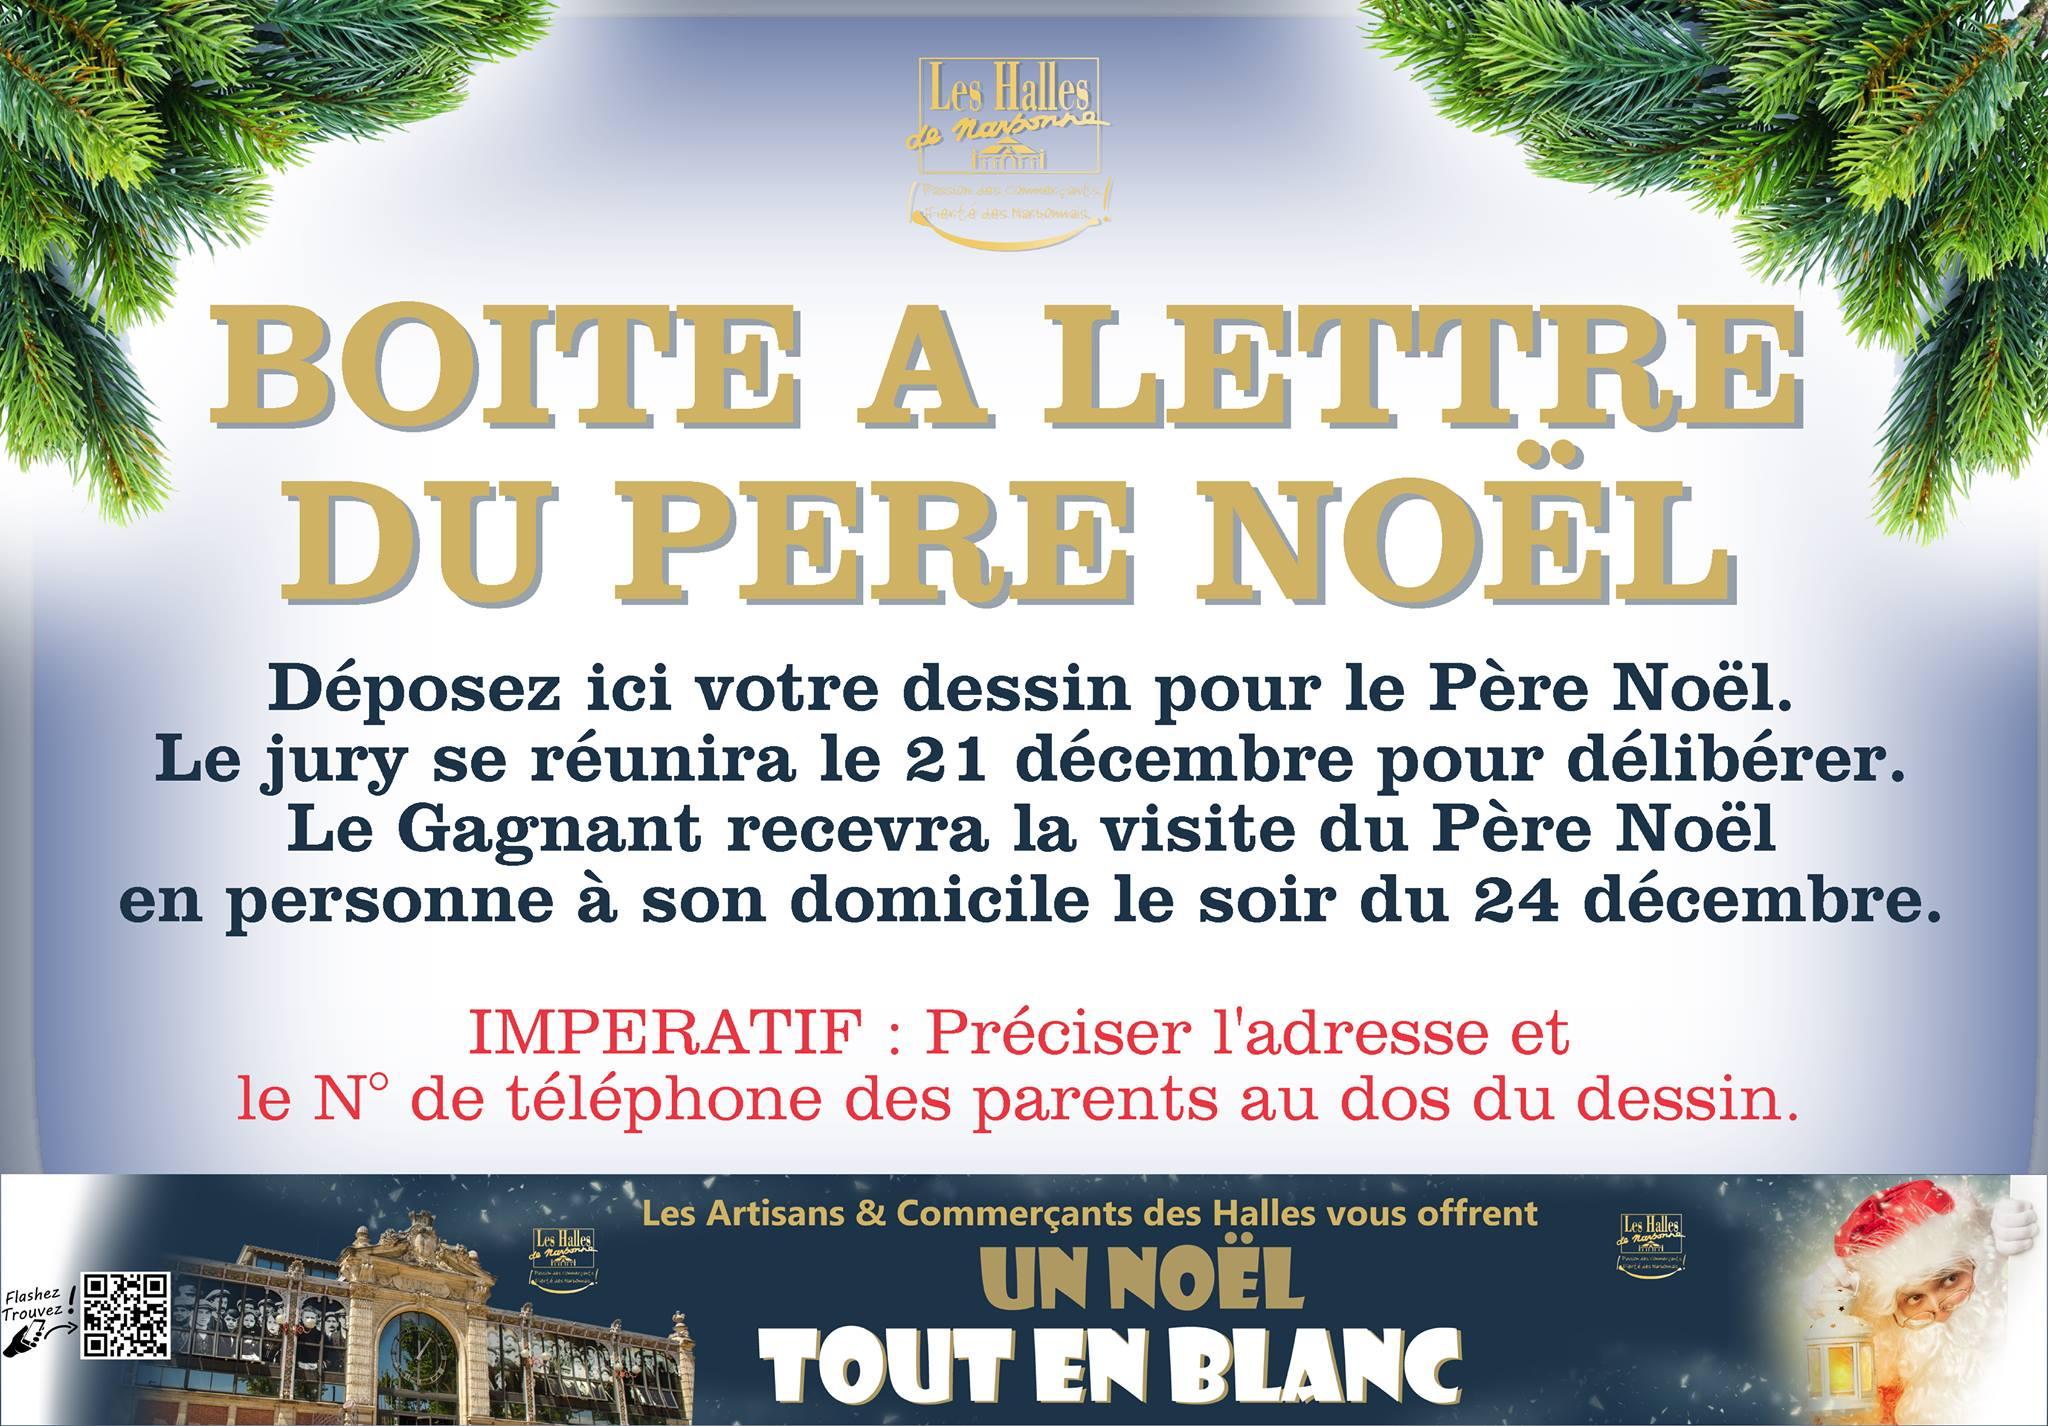 panneau_boite_a_lettre_pere_noel_halles_narbonne_noel_tout_en_blanc_2015